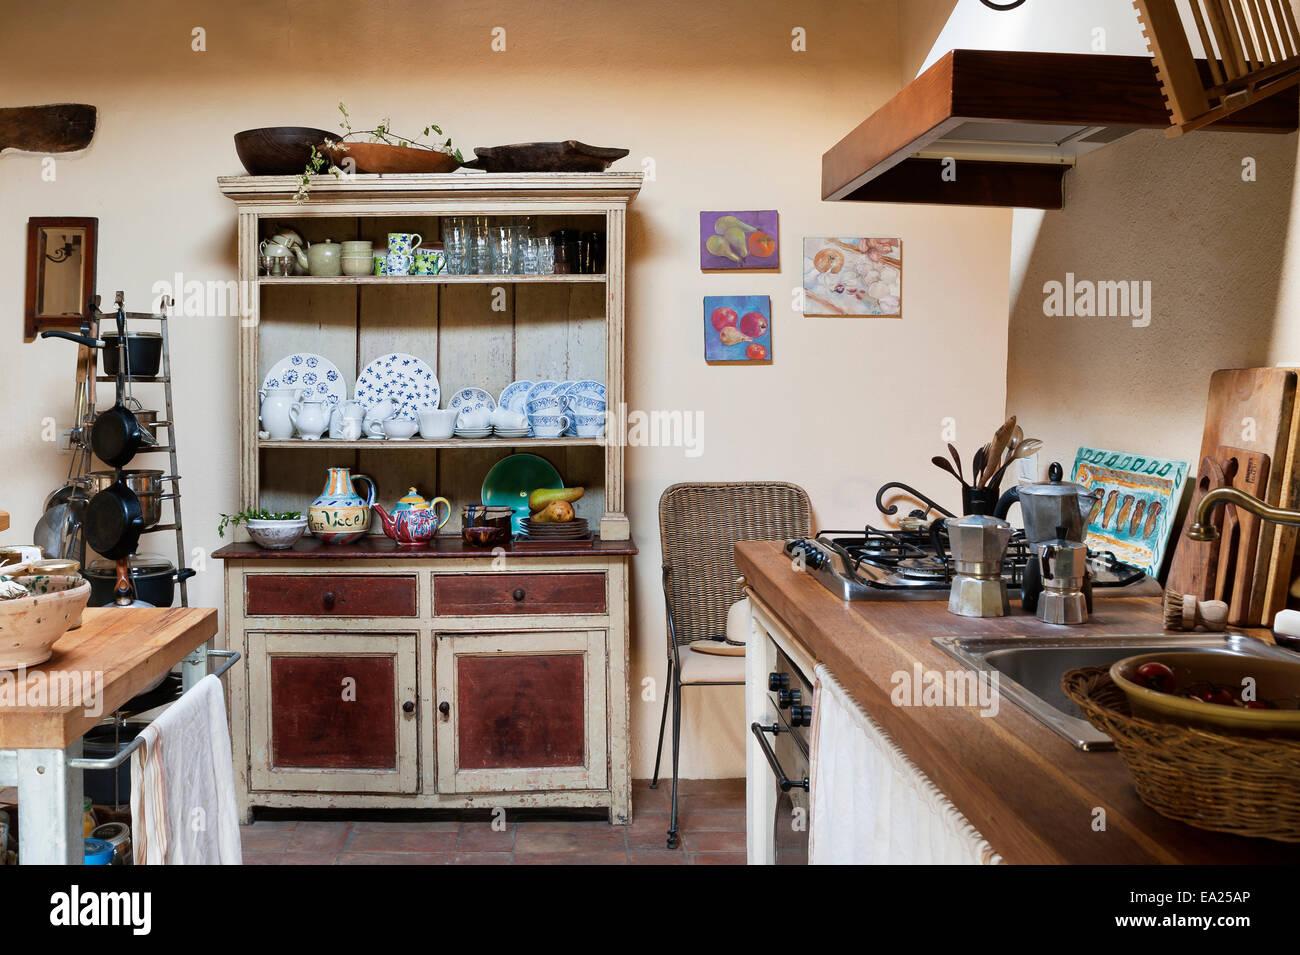 Stile rustico dresser nel paese rustica cucina con stoviglie ...